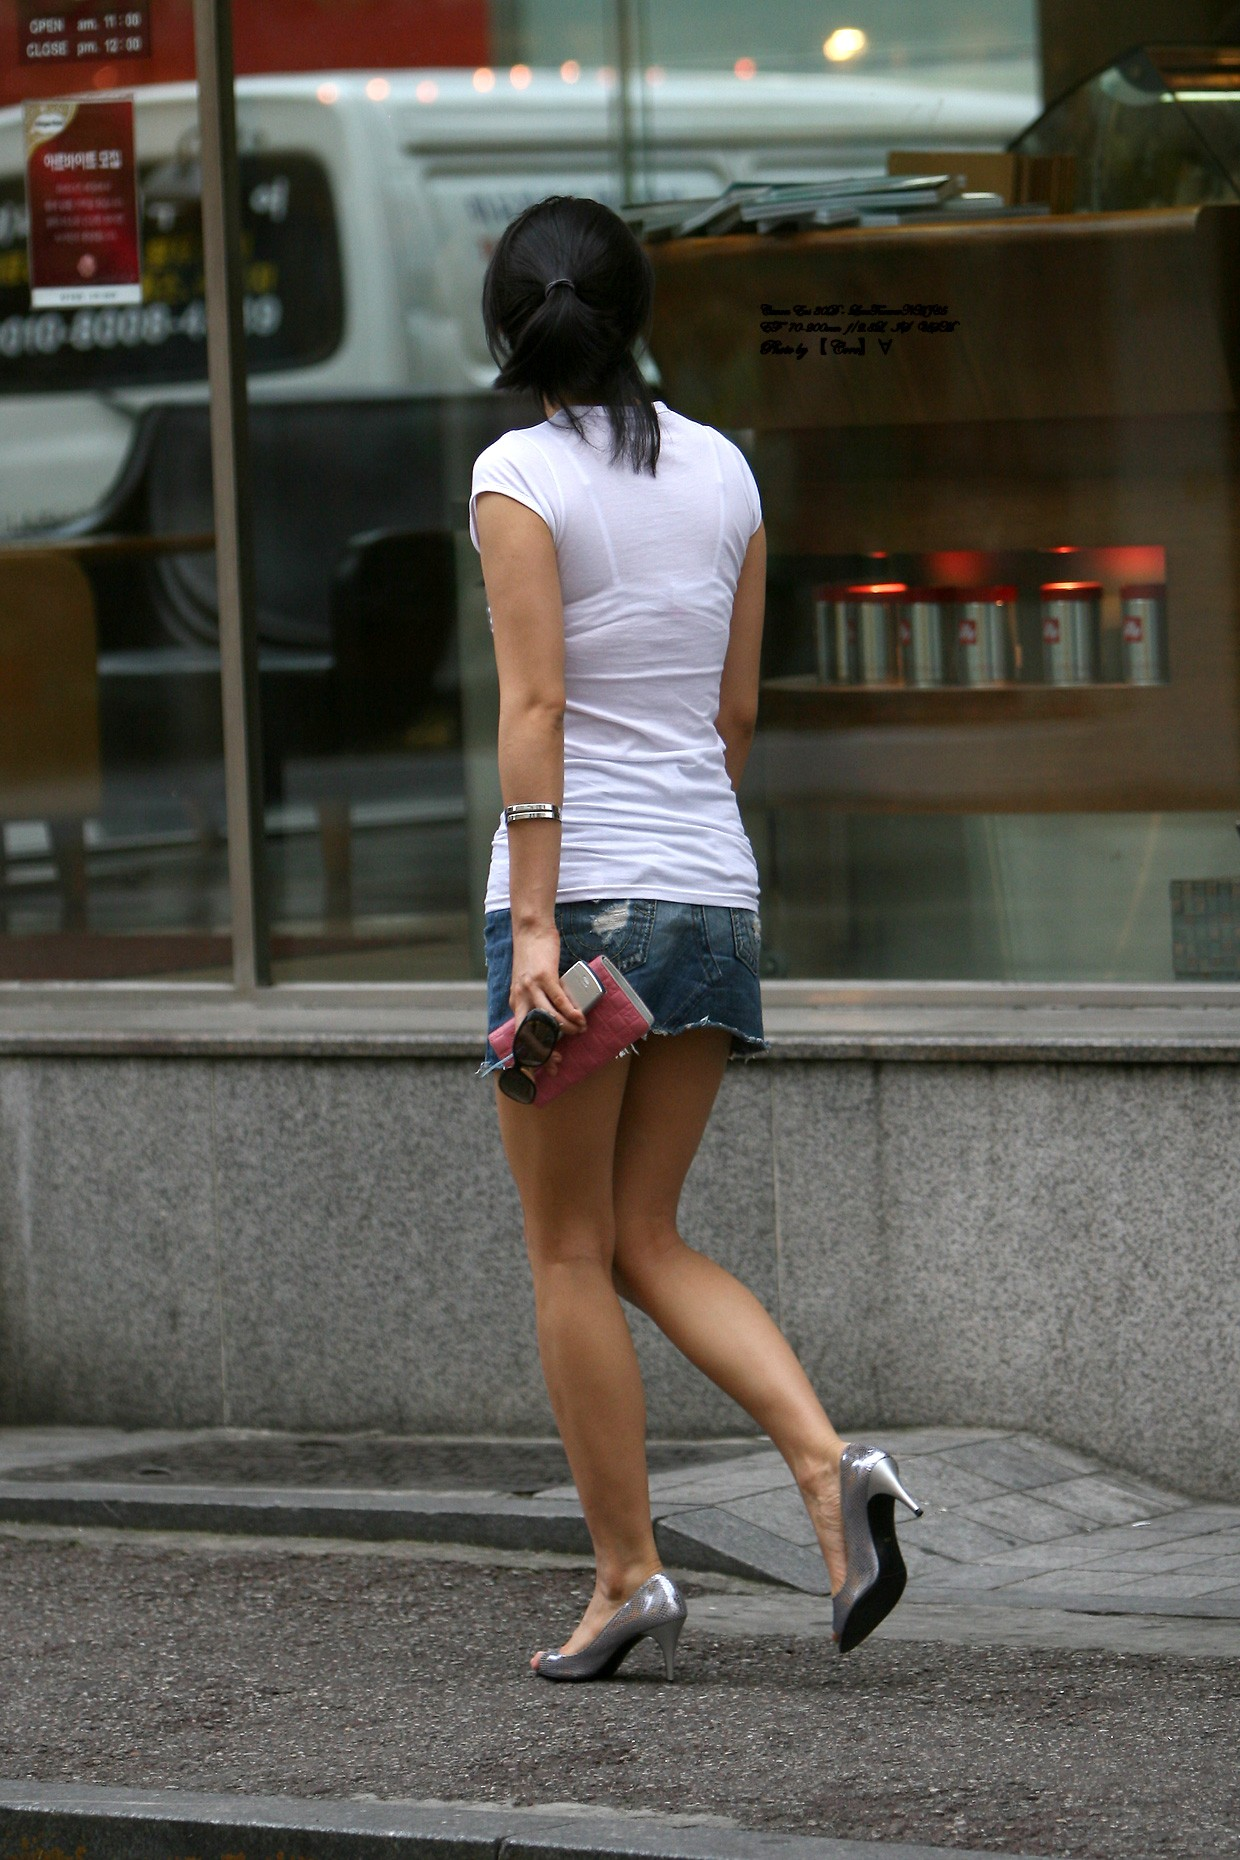 際どいファッションで街中を歩く半露出狂の韓国女性たち(画像25枚)・12枚目